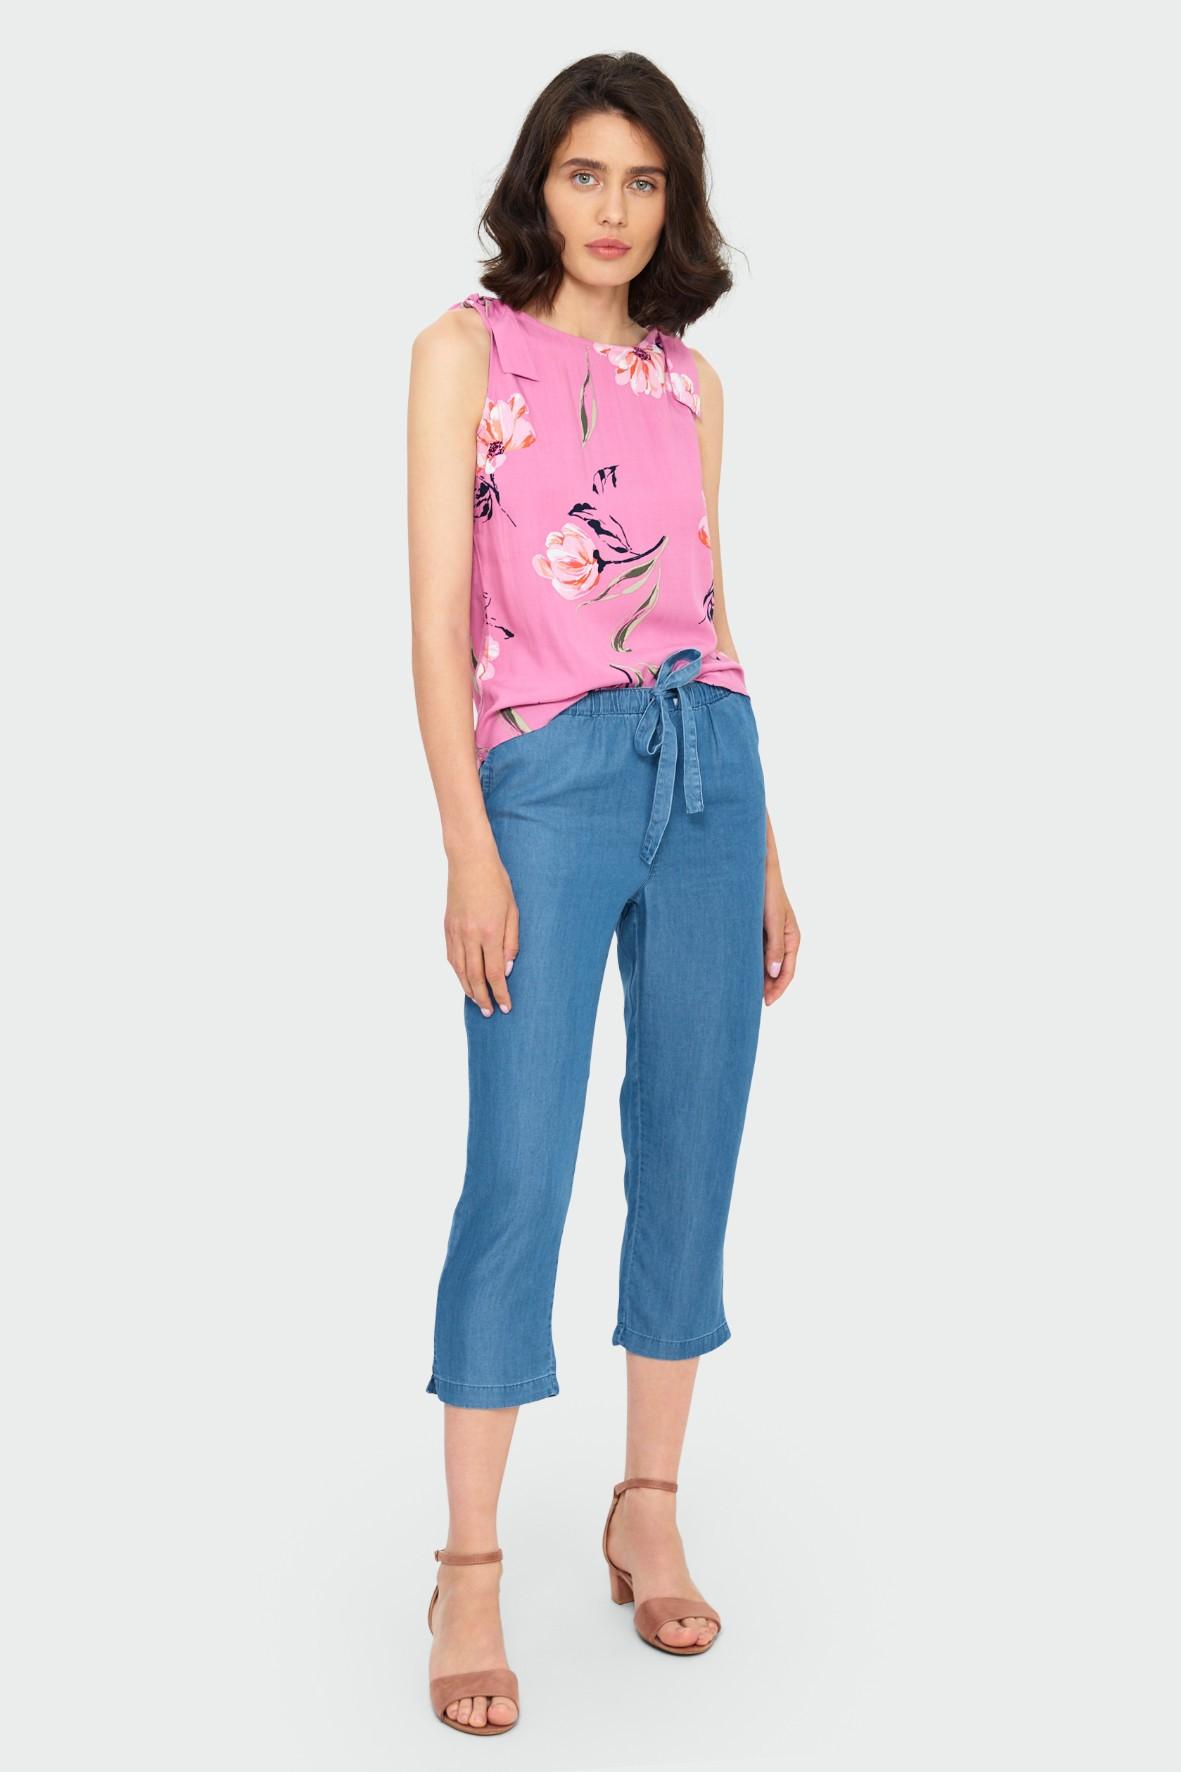 Różowa bluzka damska na ramiączka w kolorowe kwiaty